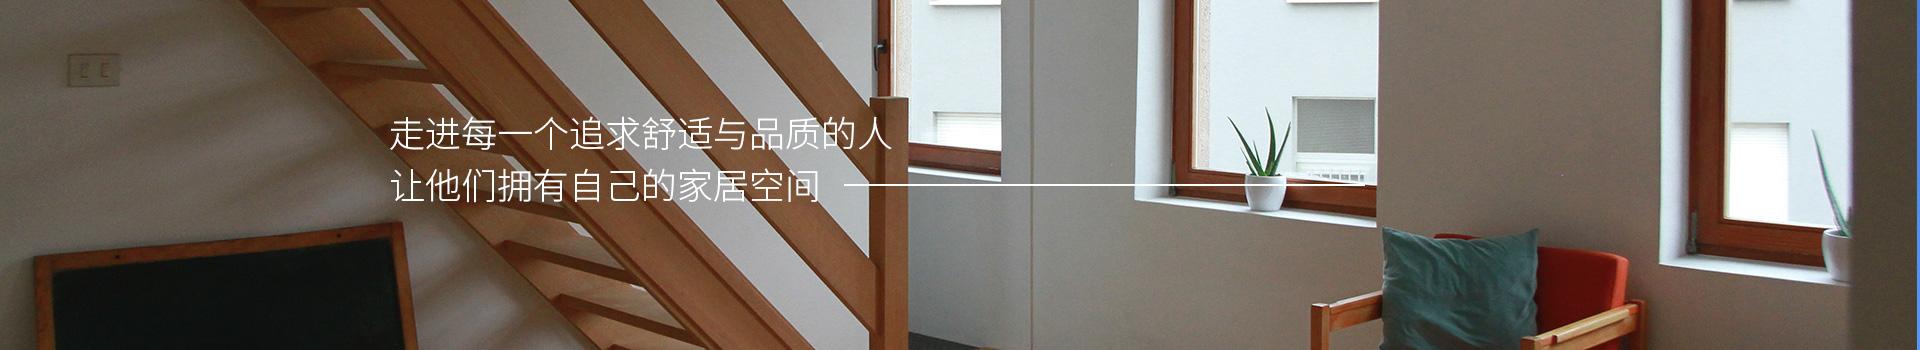 施维尔门窗,走进每一个追求舒适与品质的人,他们拥有自己的家居空间